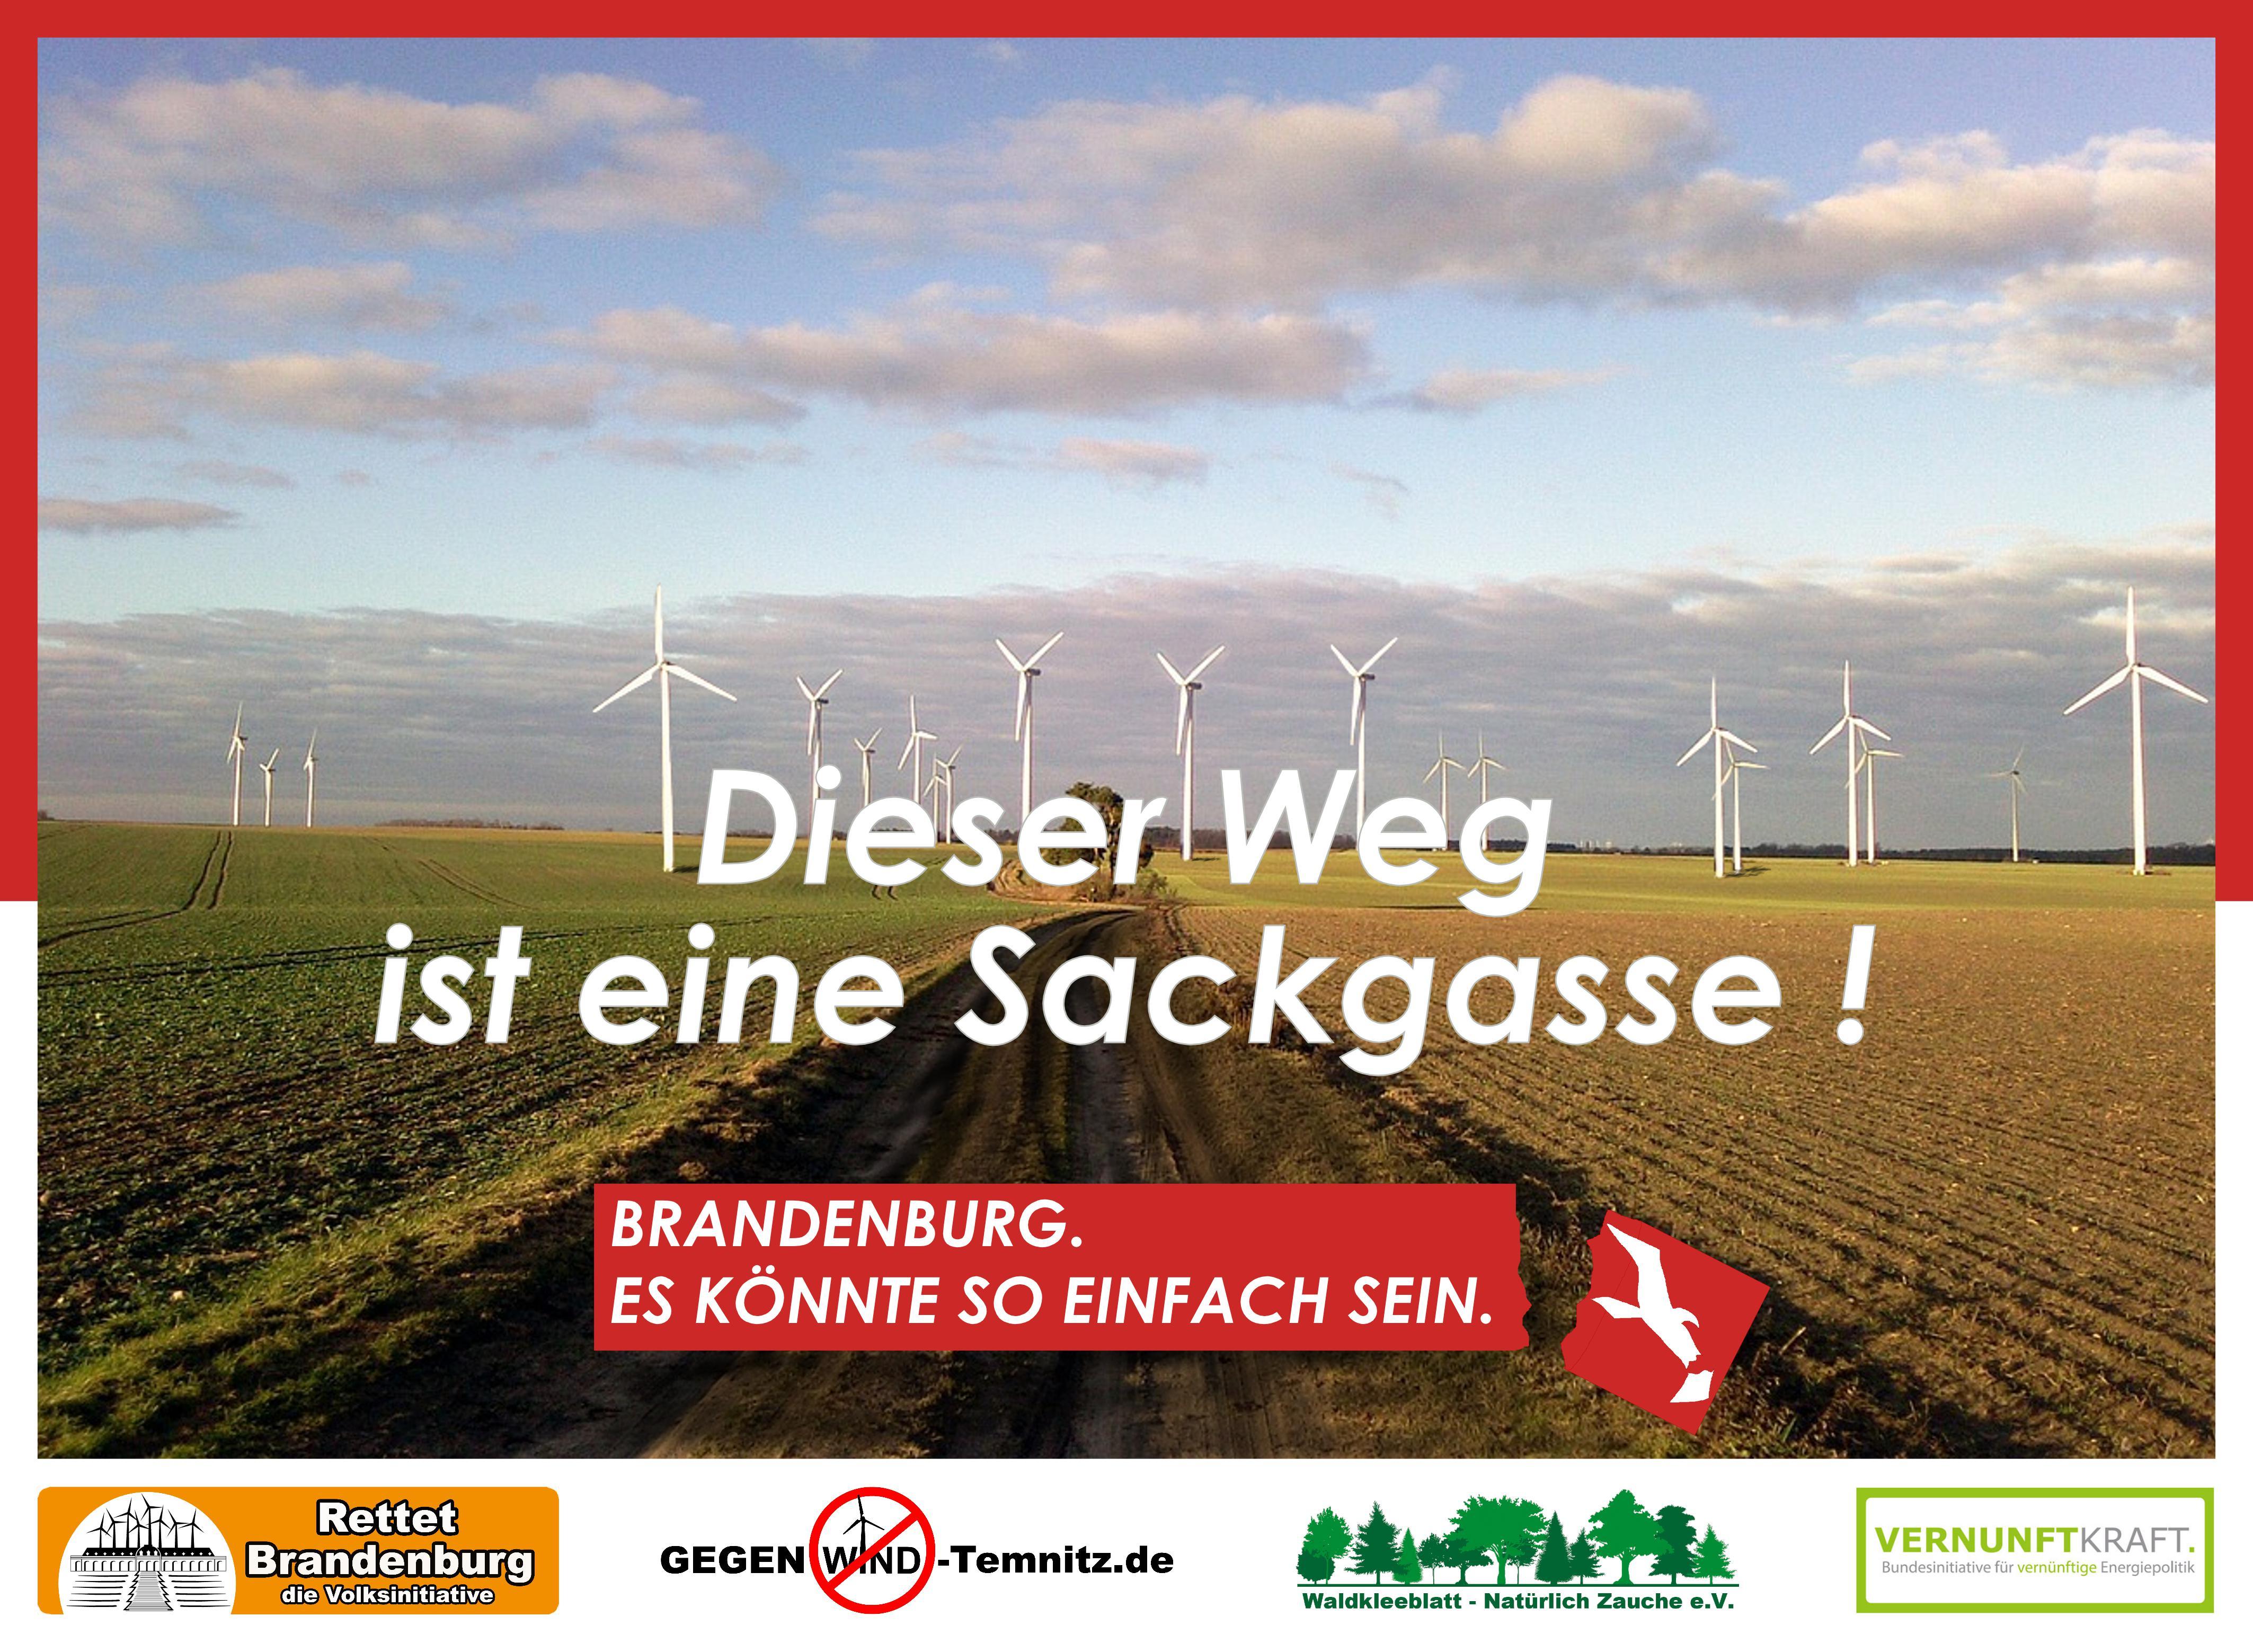 Heute im Bundestag: Erstaunliches von der Bundes-CDU zu Windkraftanlagen / Erschreckendes von der SPD und Grünen